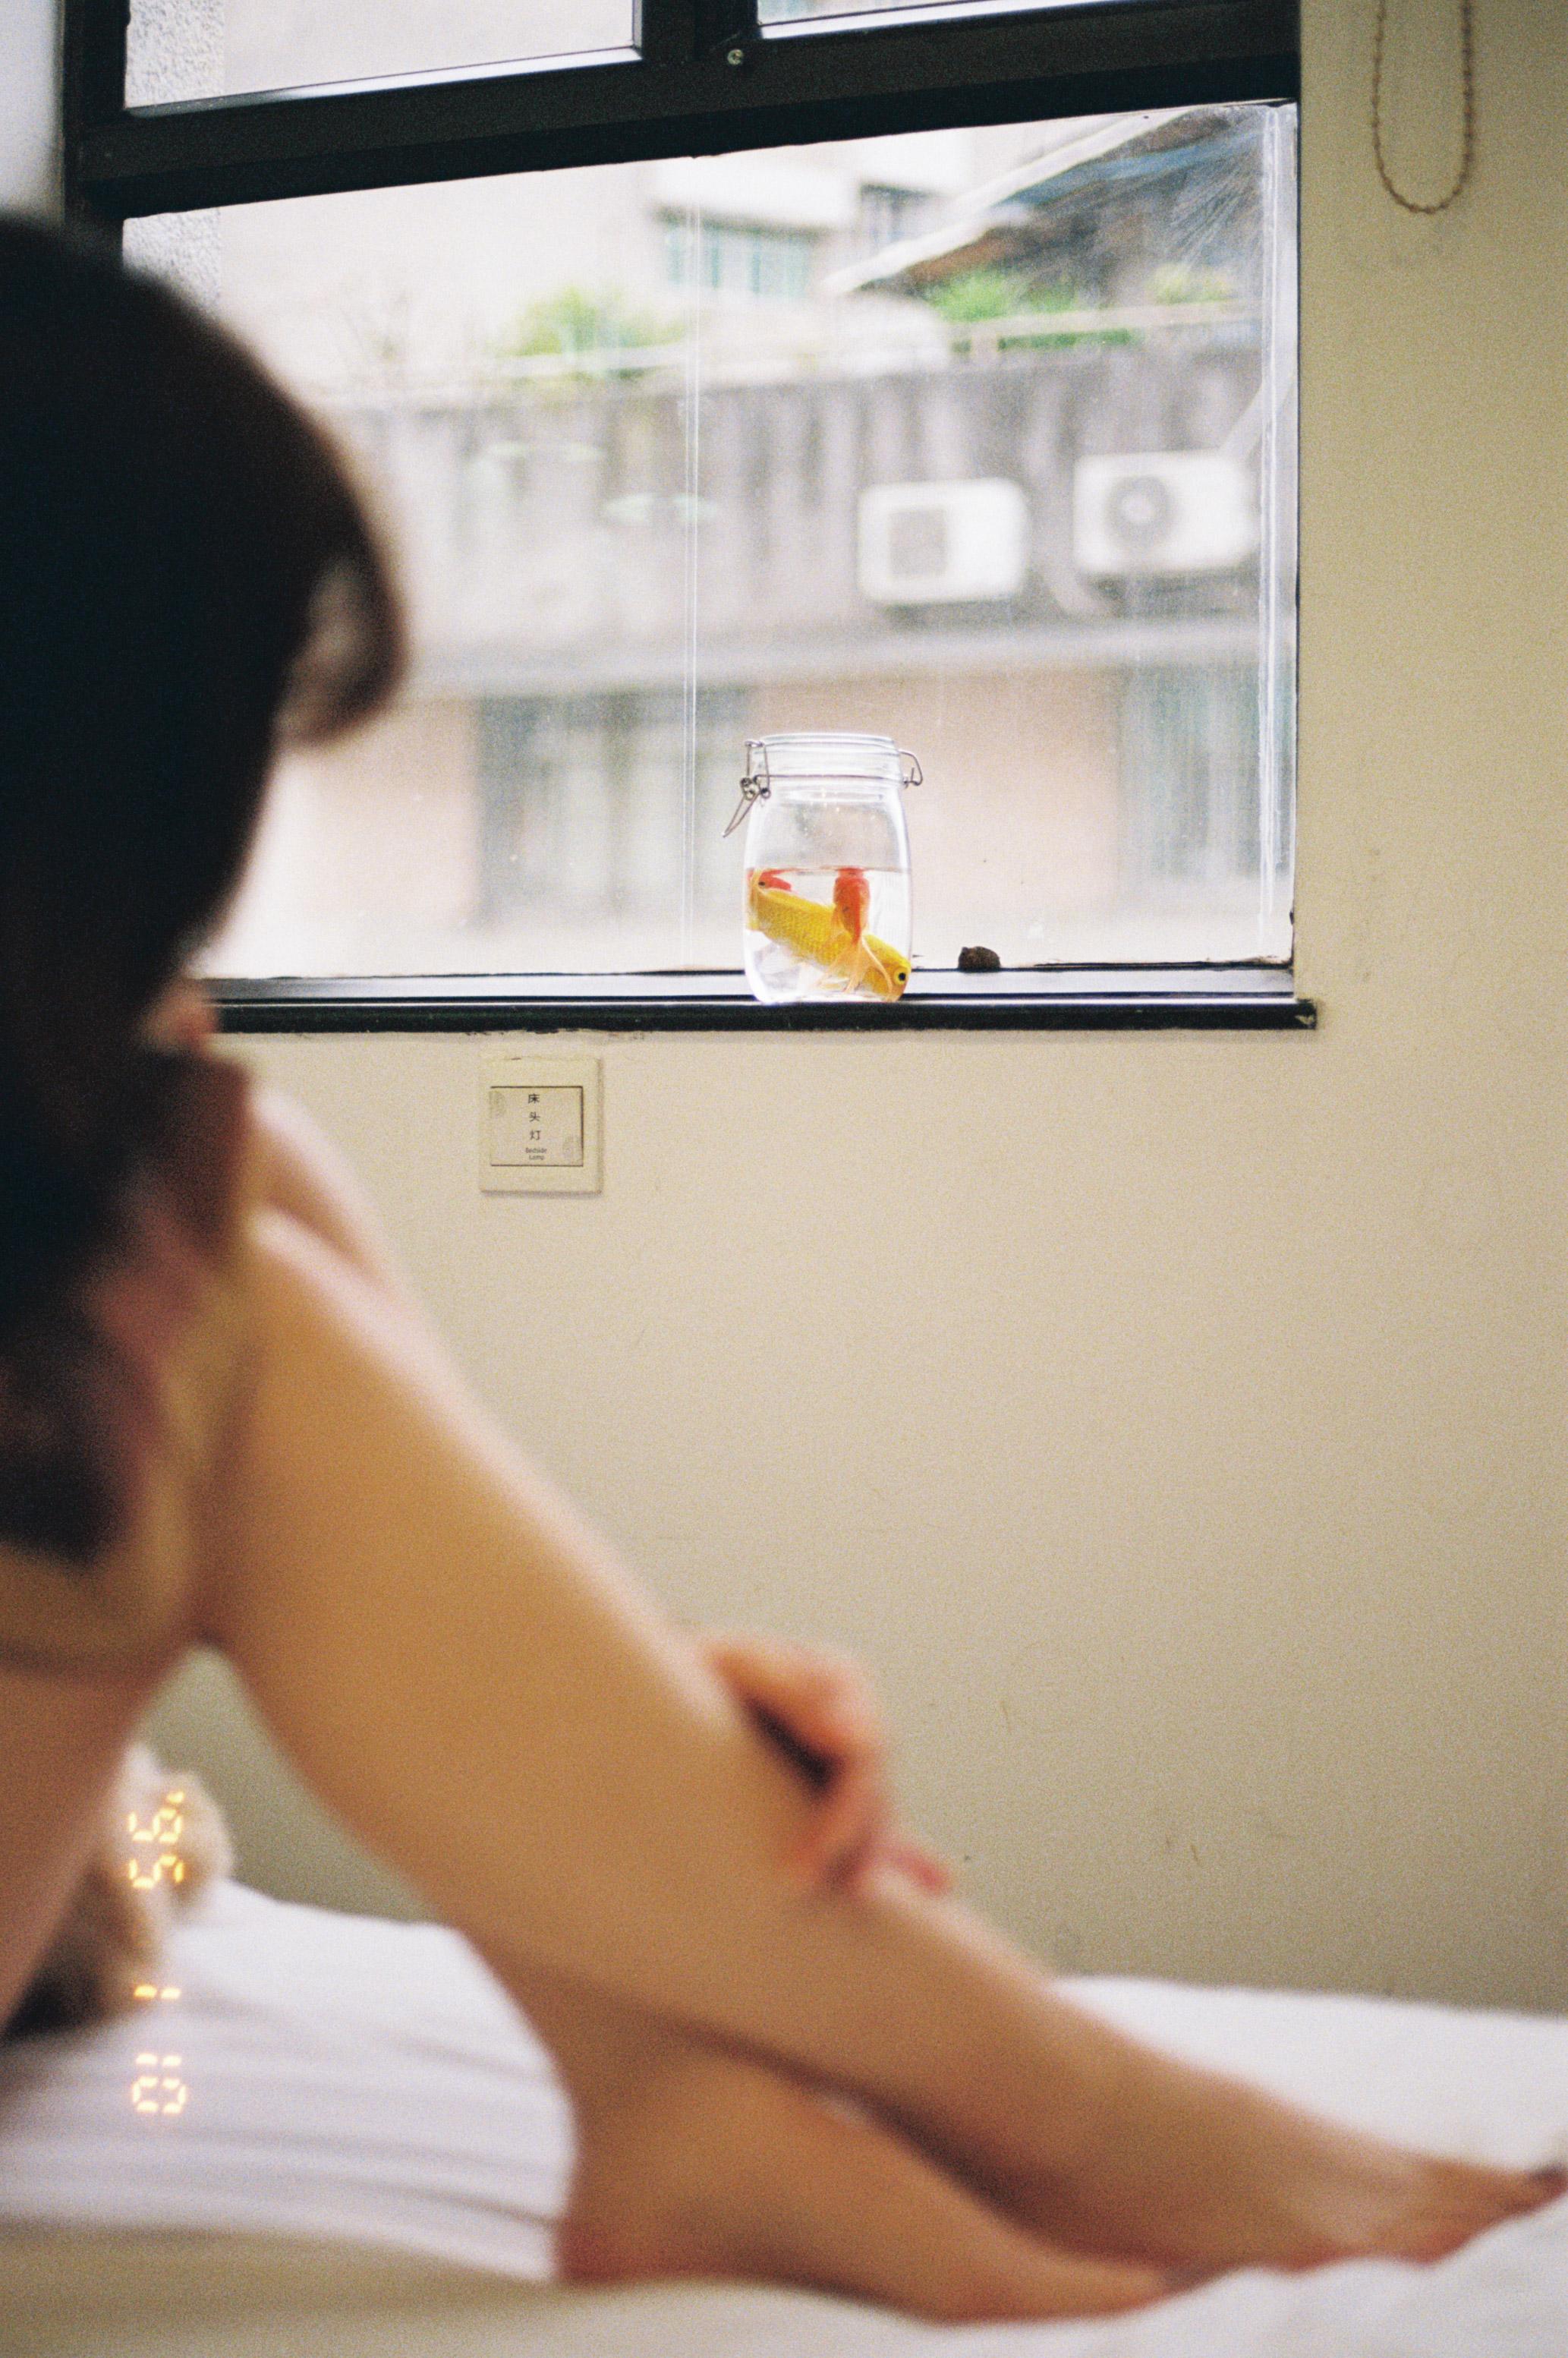 房號1018-菲林中文-独立胶片摄影门户!